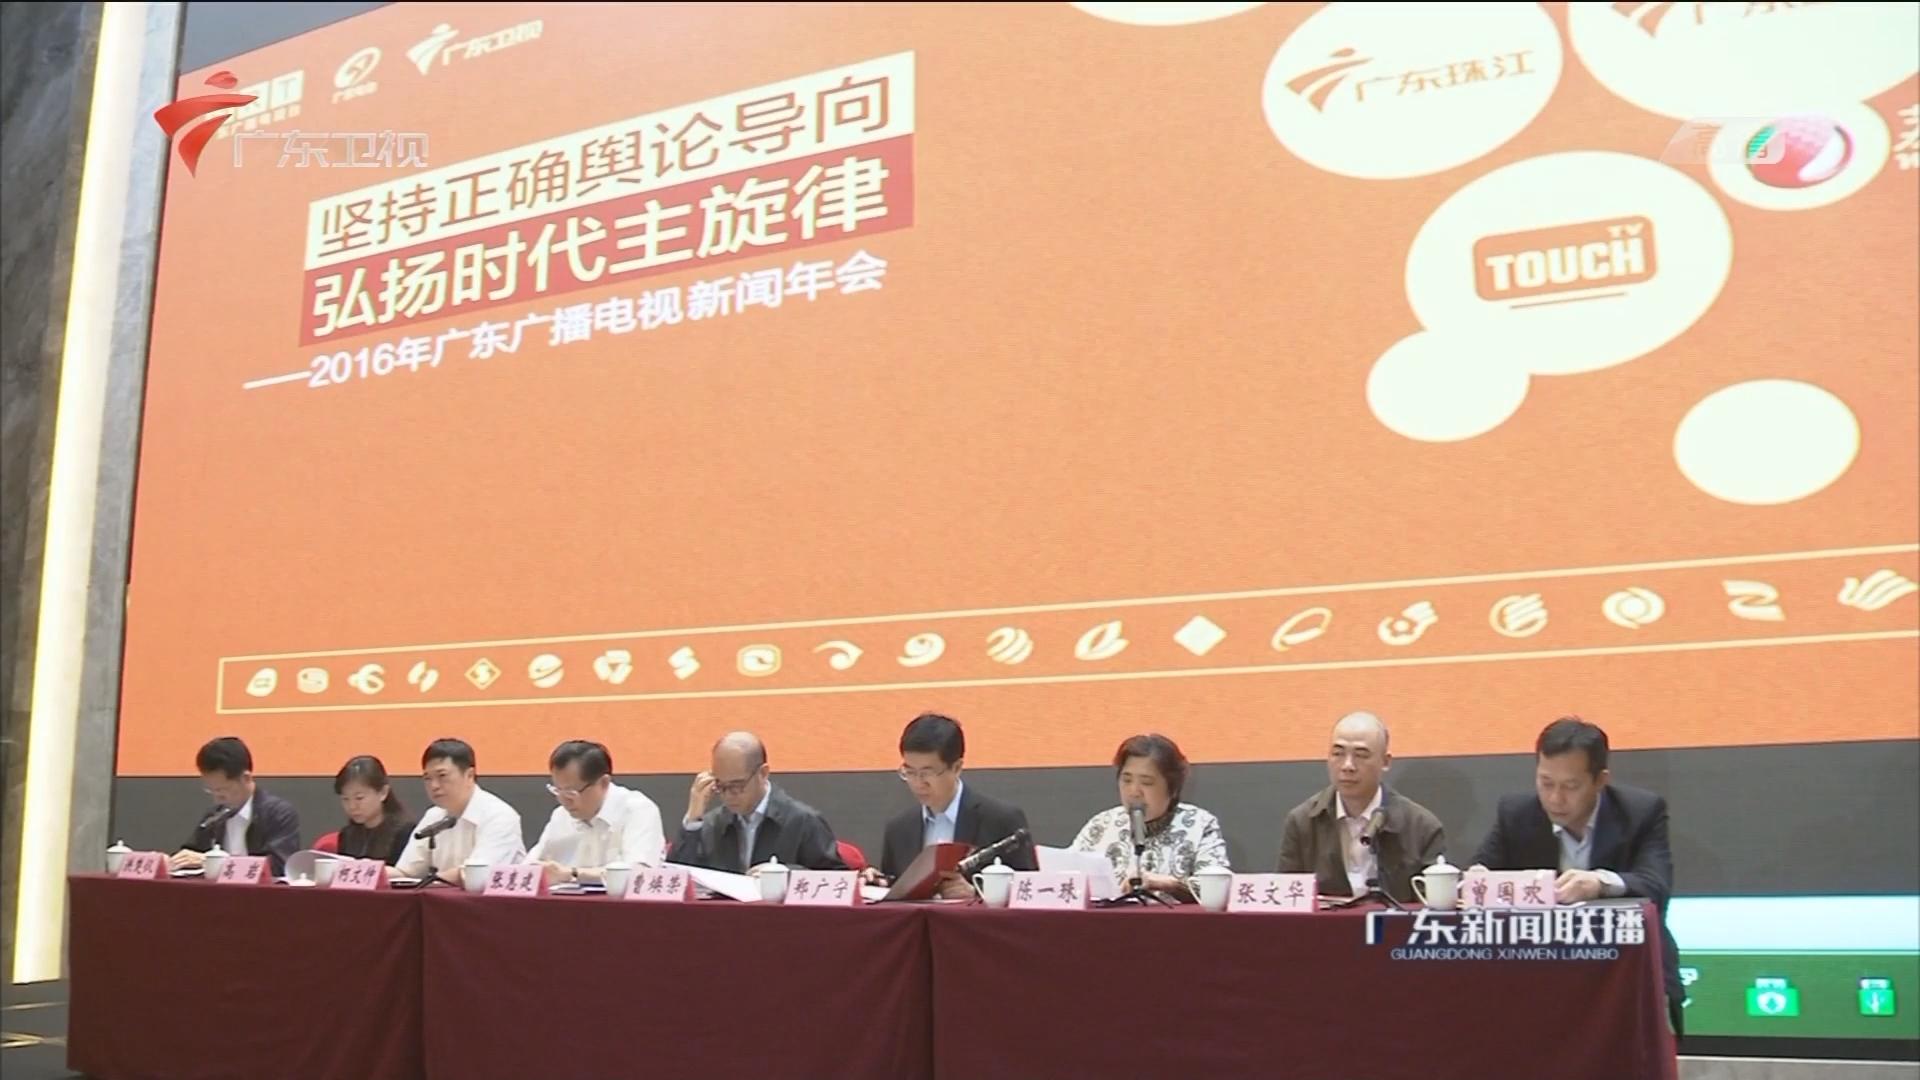 广东广播电视新闻年会在江门召开 坚持正确舆论导向 弘扬时代主旋律